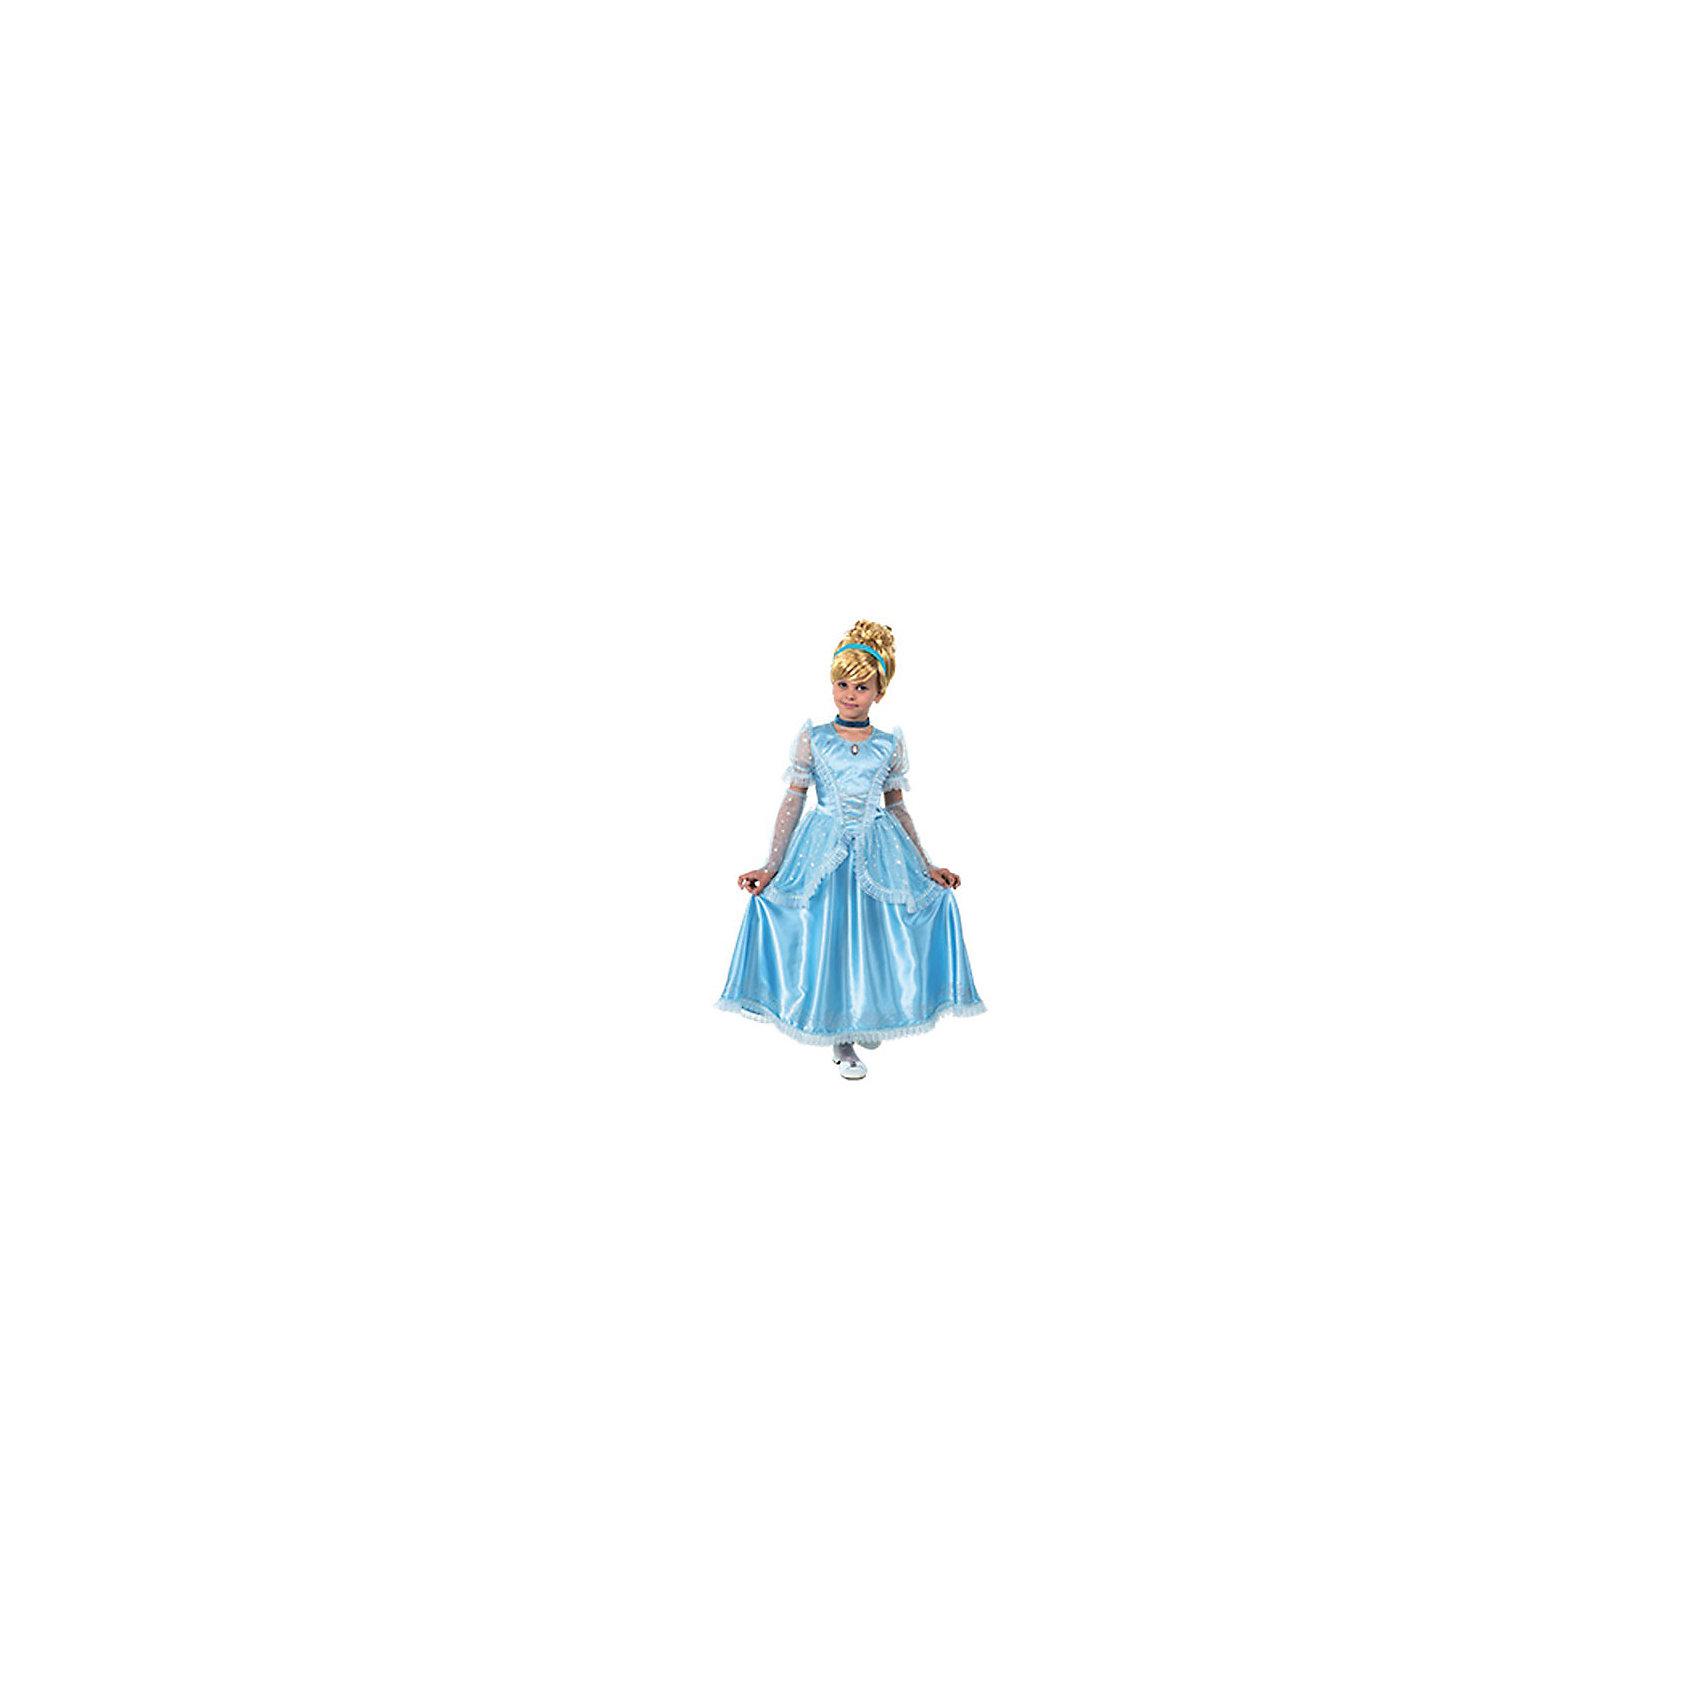 Карнавальный костюм Принцесса Золушка, БатикКарнавальные костюмы и аксессуары<br>Каждая девочка мечтает стать сказочной принцессой. Ваша малышка придет в восторг от этого прекрасного наряда, состоящего из роскошного голубого платья с рюшами, длинных изысканных перчаток и небольшой короны. Позвольте девочке почувствовать себя королевой вечера и получить настоящее удовольствие от самого волшебного праздника в году! Костюм выполнен из высококачественных экологичных материалов, в производстве ткани использованы только безопасные, гипоаллергенные красители.<br><br>Дополнительная информация:<br><br>- Материал: текстиль, пластик.<br>- Цвет: голубой.<br>- Комплектация: платье, перчатки, корона. <br>- Декоративные элементы: рюши.<br>- Параметры для размера 30:<br>- обхват груди: 60 см.<br>- рост: 116 см.<br><br>Карнавальный костюм Принцесса Золушка, Батик, можно купить в нашем магазине.<br><br>Ширина мм: 500<br>Глубина мм: 50<br>Высота мм: 700<br>Вес г: 600<br>Цвет: белый<br>Возраст от месяцев: 72<br>Возраст до месяцев: 96<br>Пол: Женский<br>Возраст: Детский<br>Размер: 28<br>SKU: 4412741